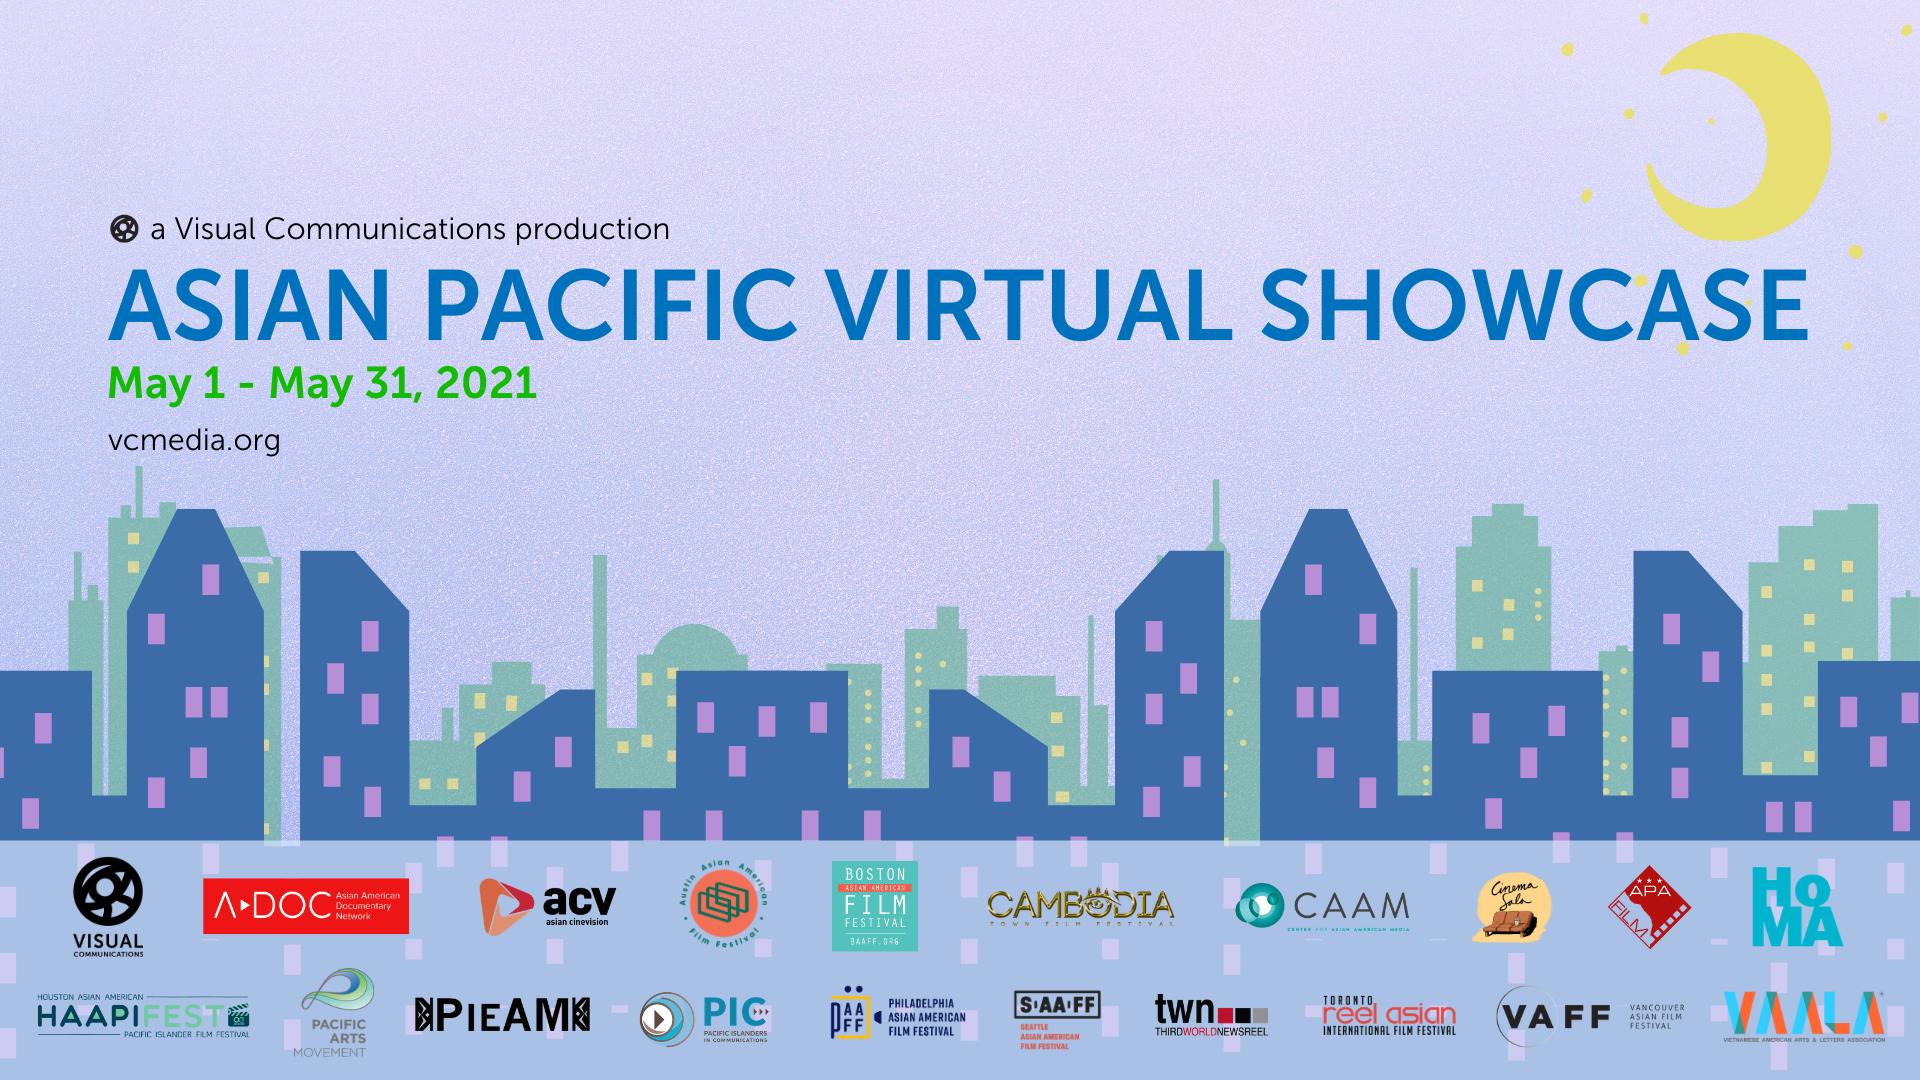 Asian Pacific Virtual Showcase